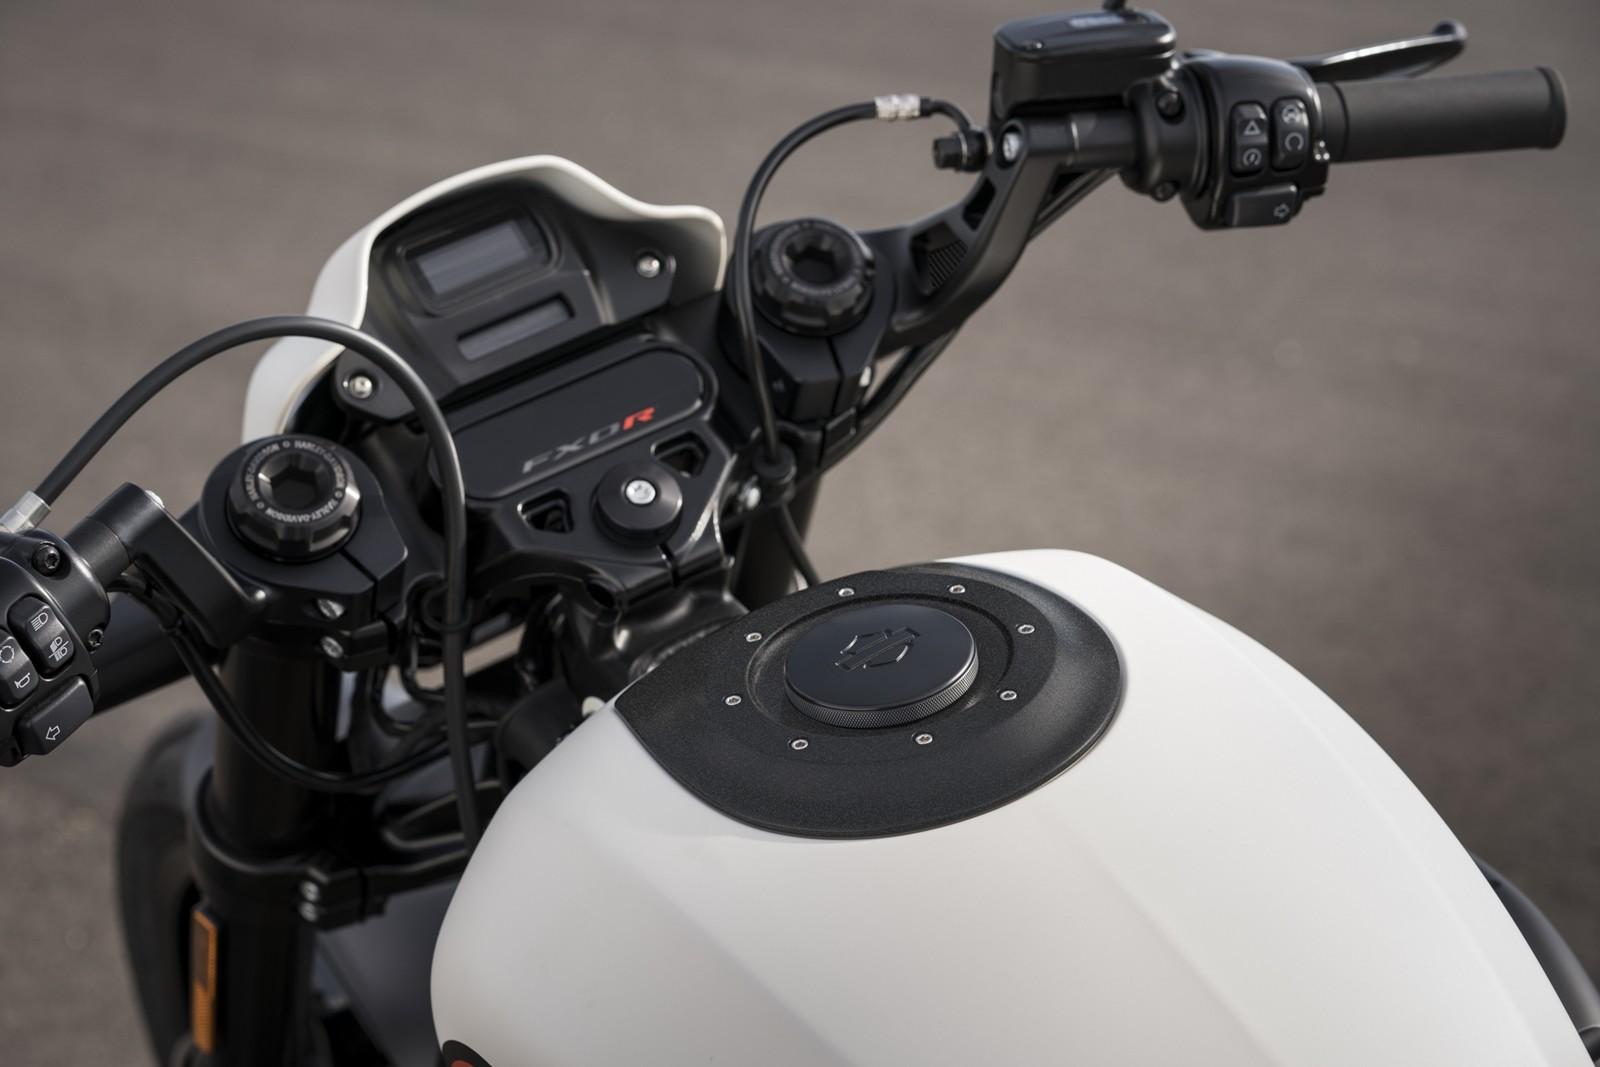 Foto de Harley-Davidson FXDR 114 2019 (9/9)